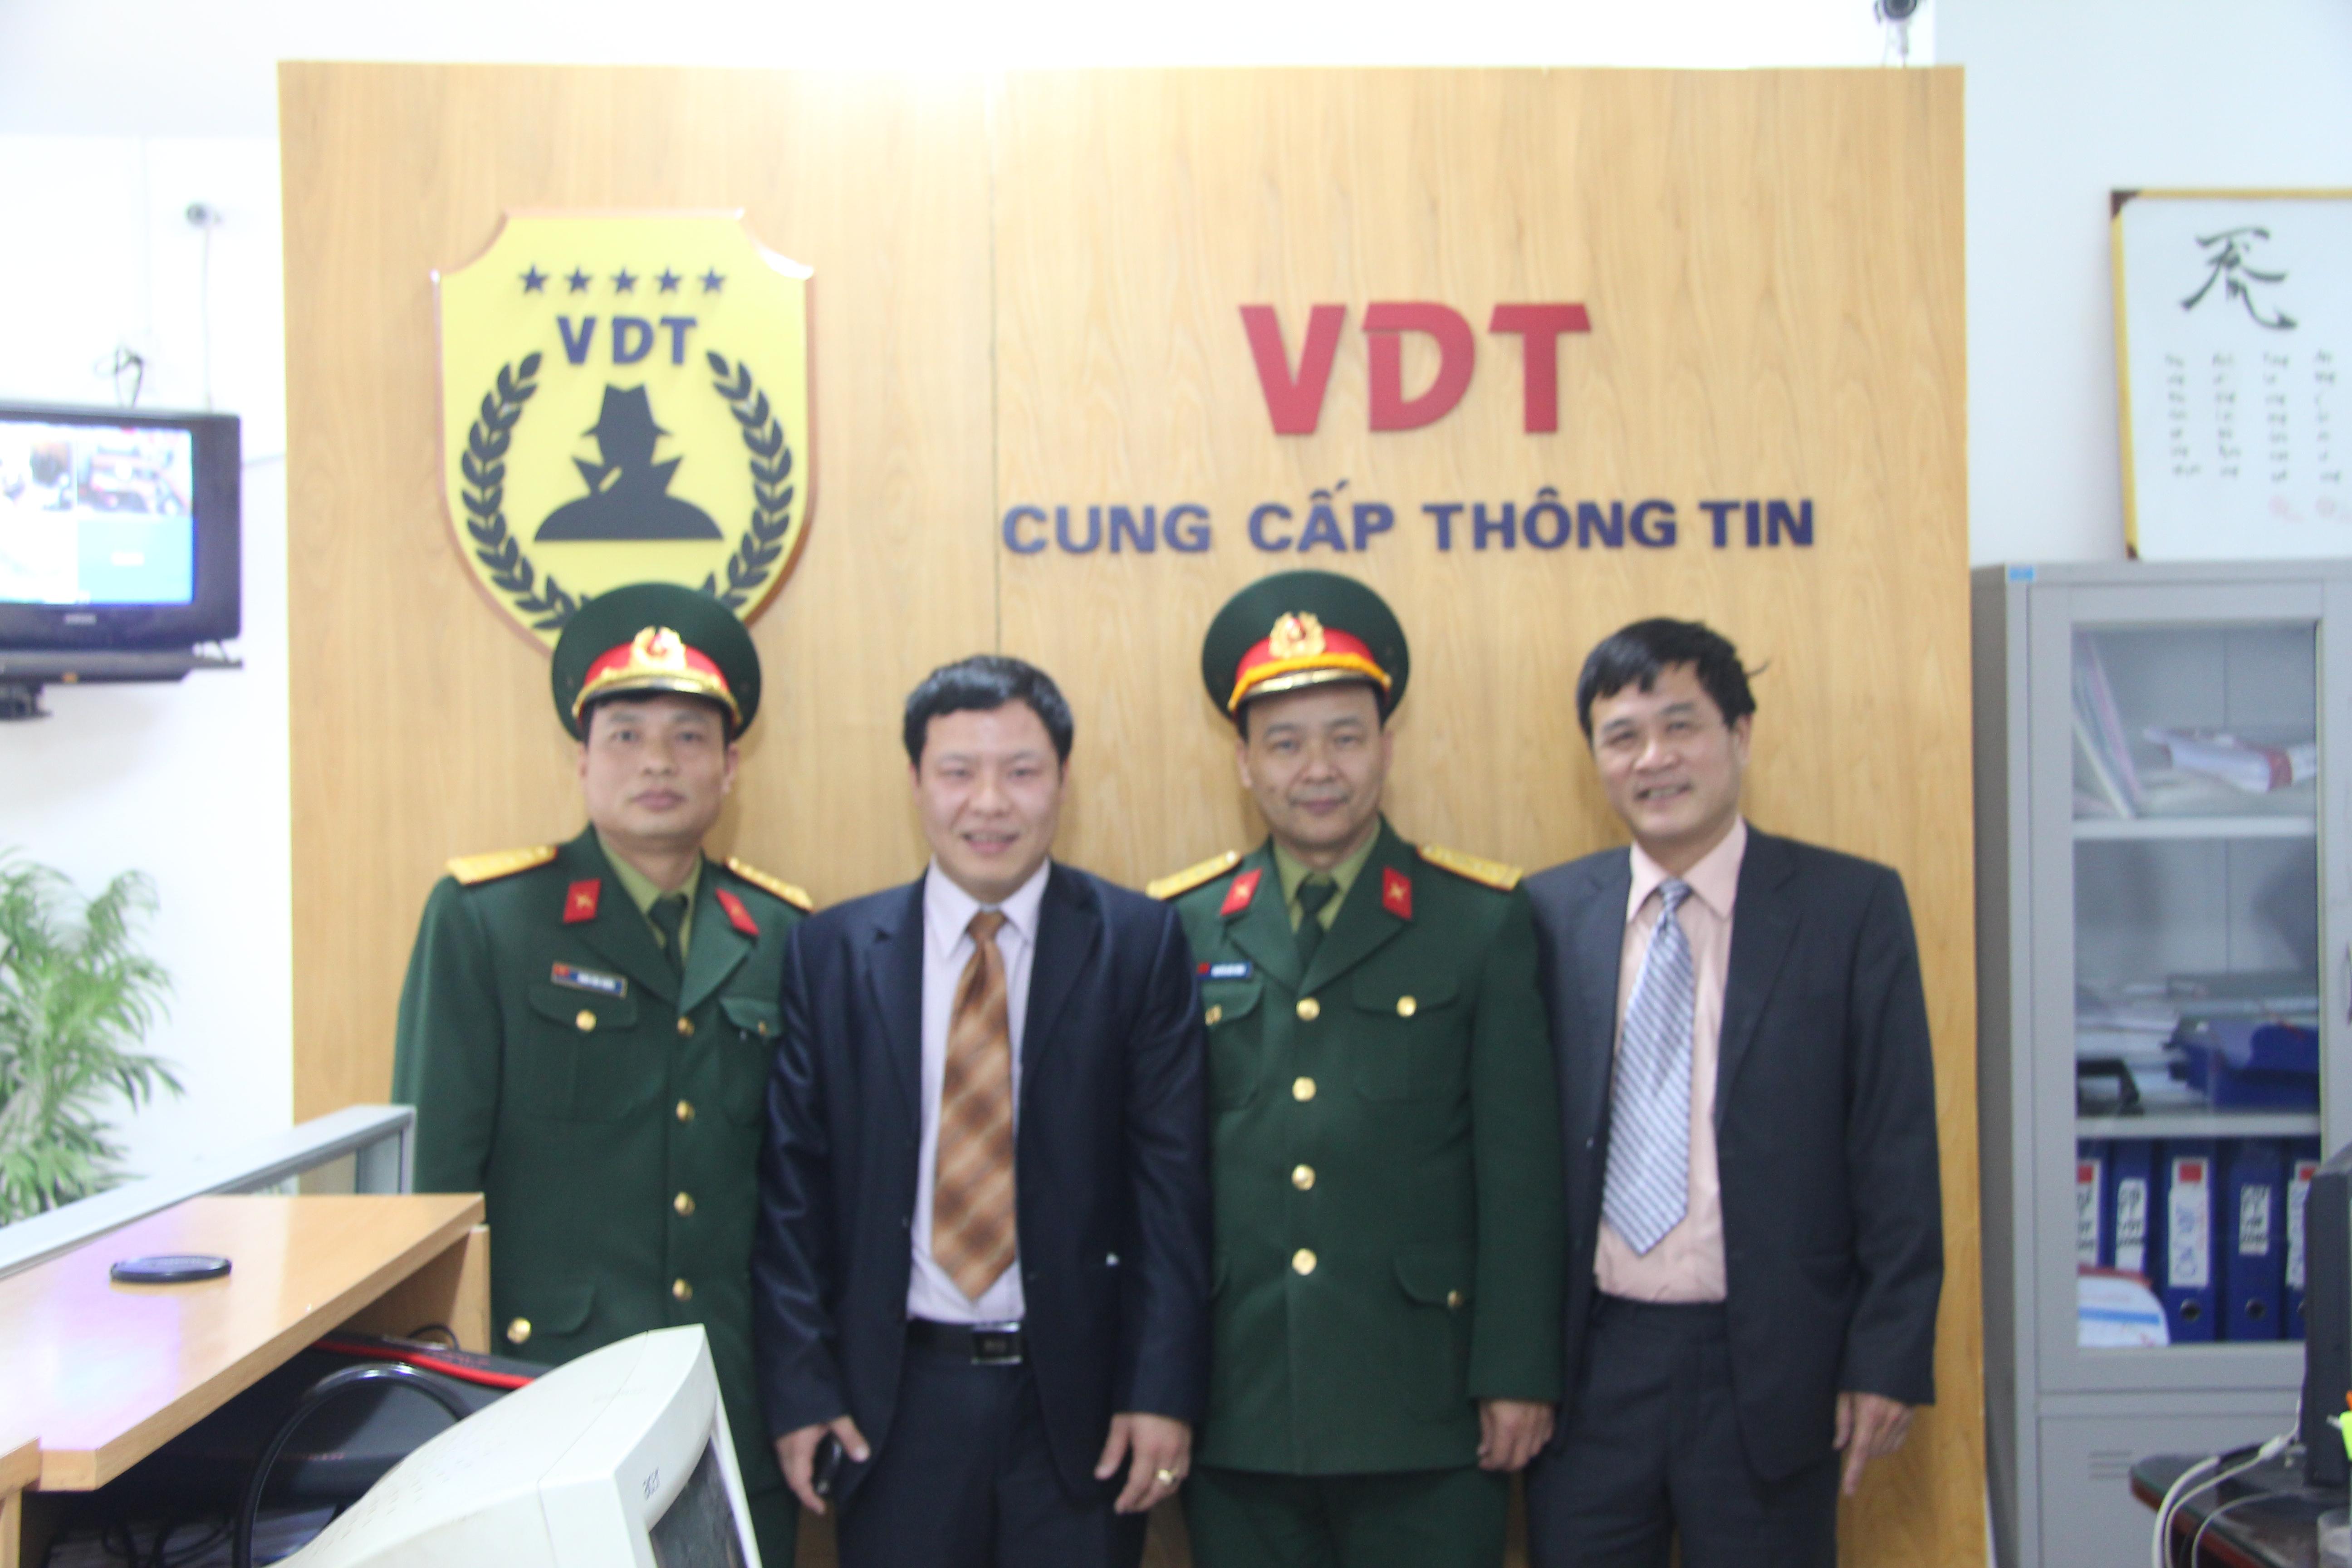 Thám tử uy tín chuyên nghiệp giá rẻ tại Hà Nội